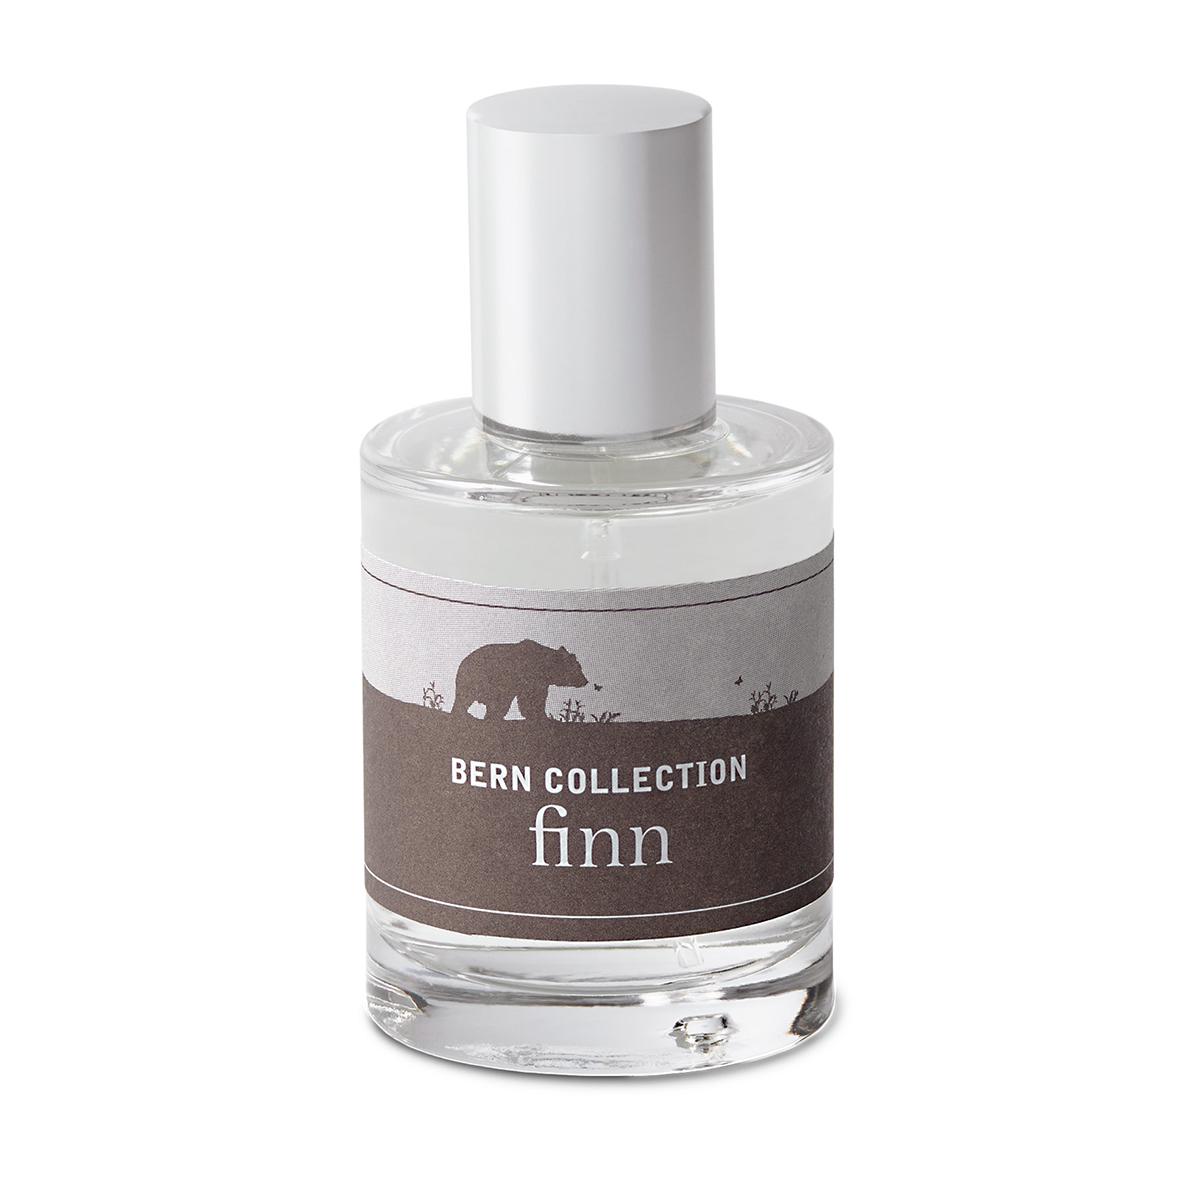 Parfum Bern Collection Finn von Art of Scent